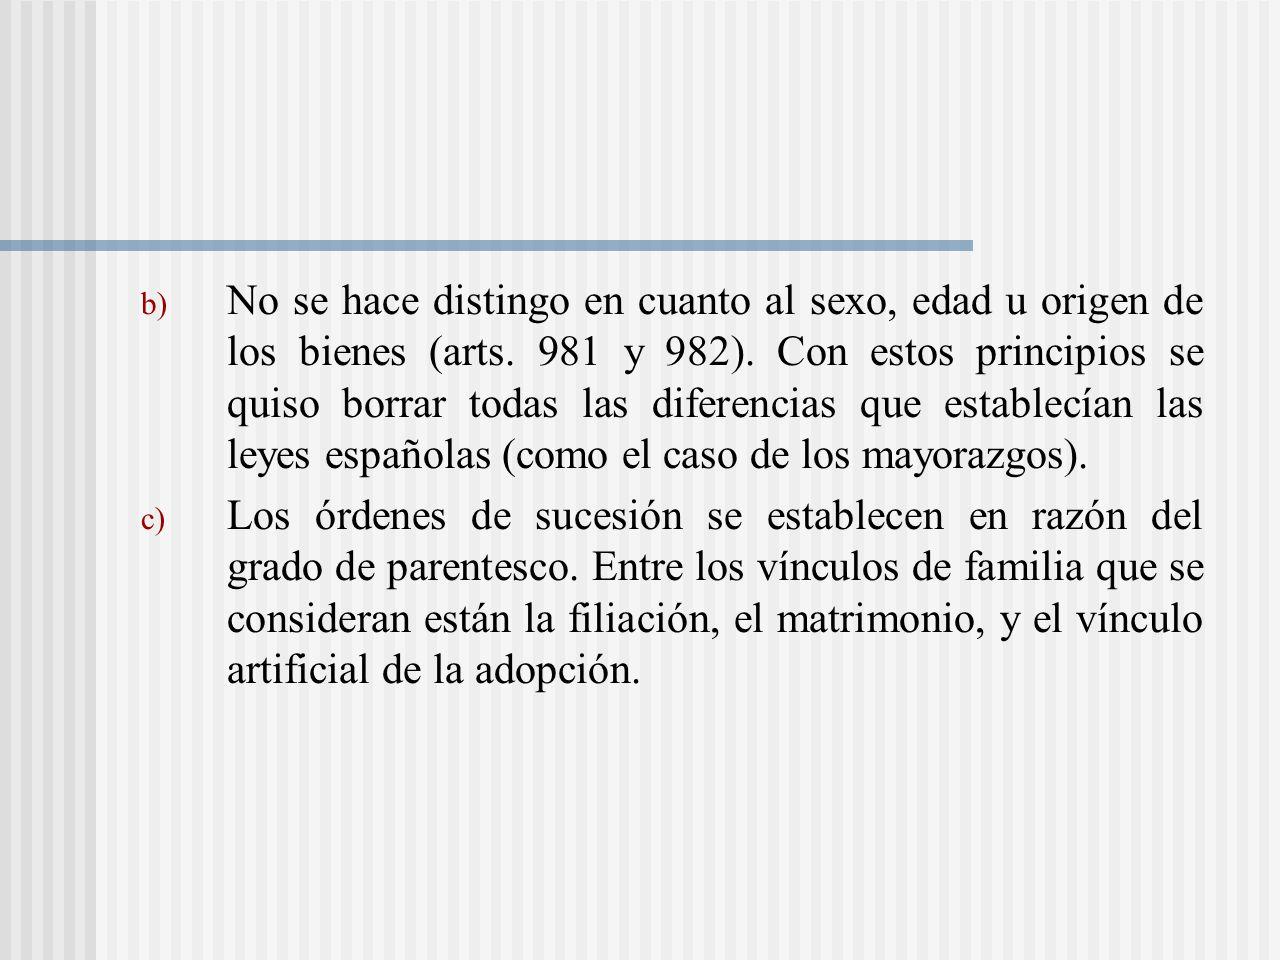 No se hace distingo en cuanto al sexo, edad u origen de los bienes (arts. 981 y 982). Con estos principios se quiso borrar todas las diferencias que establecían las leyes españolas (como el caso de los mayorazgos).